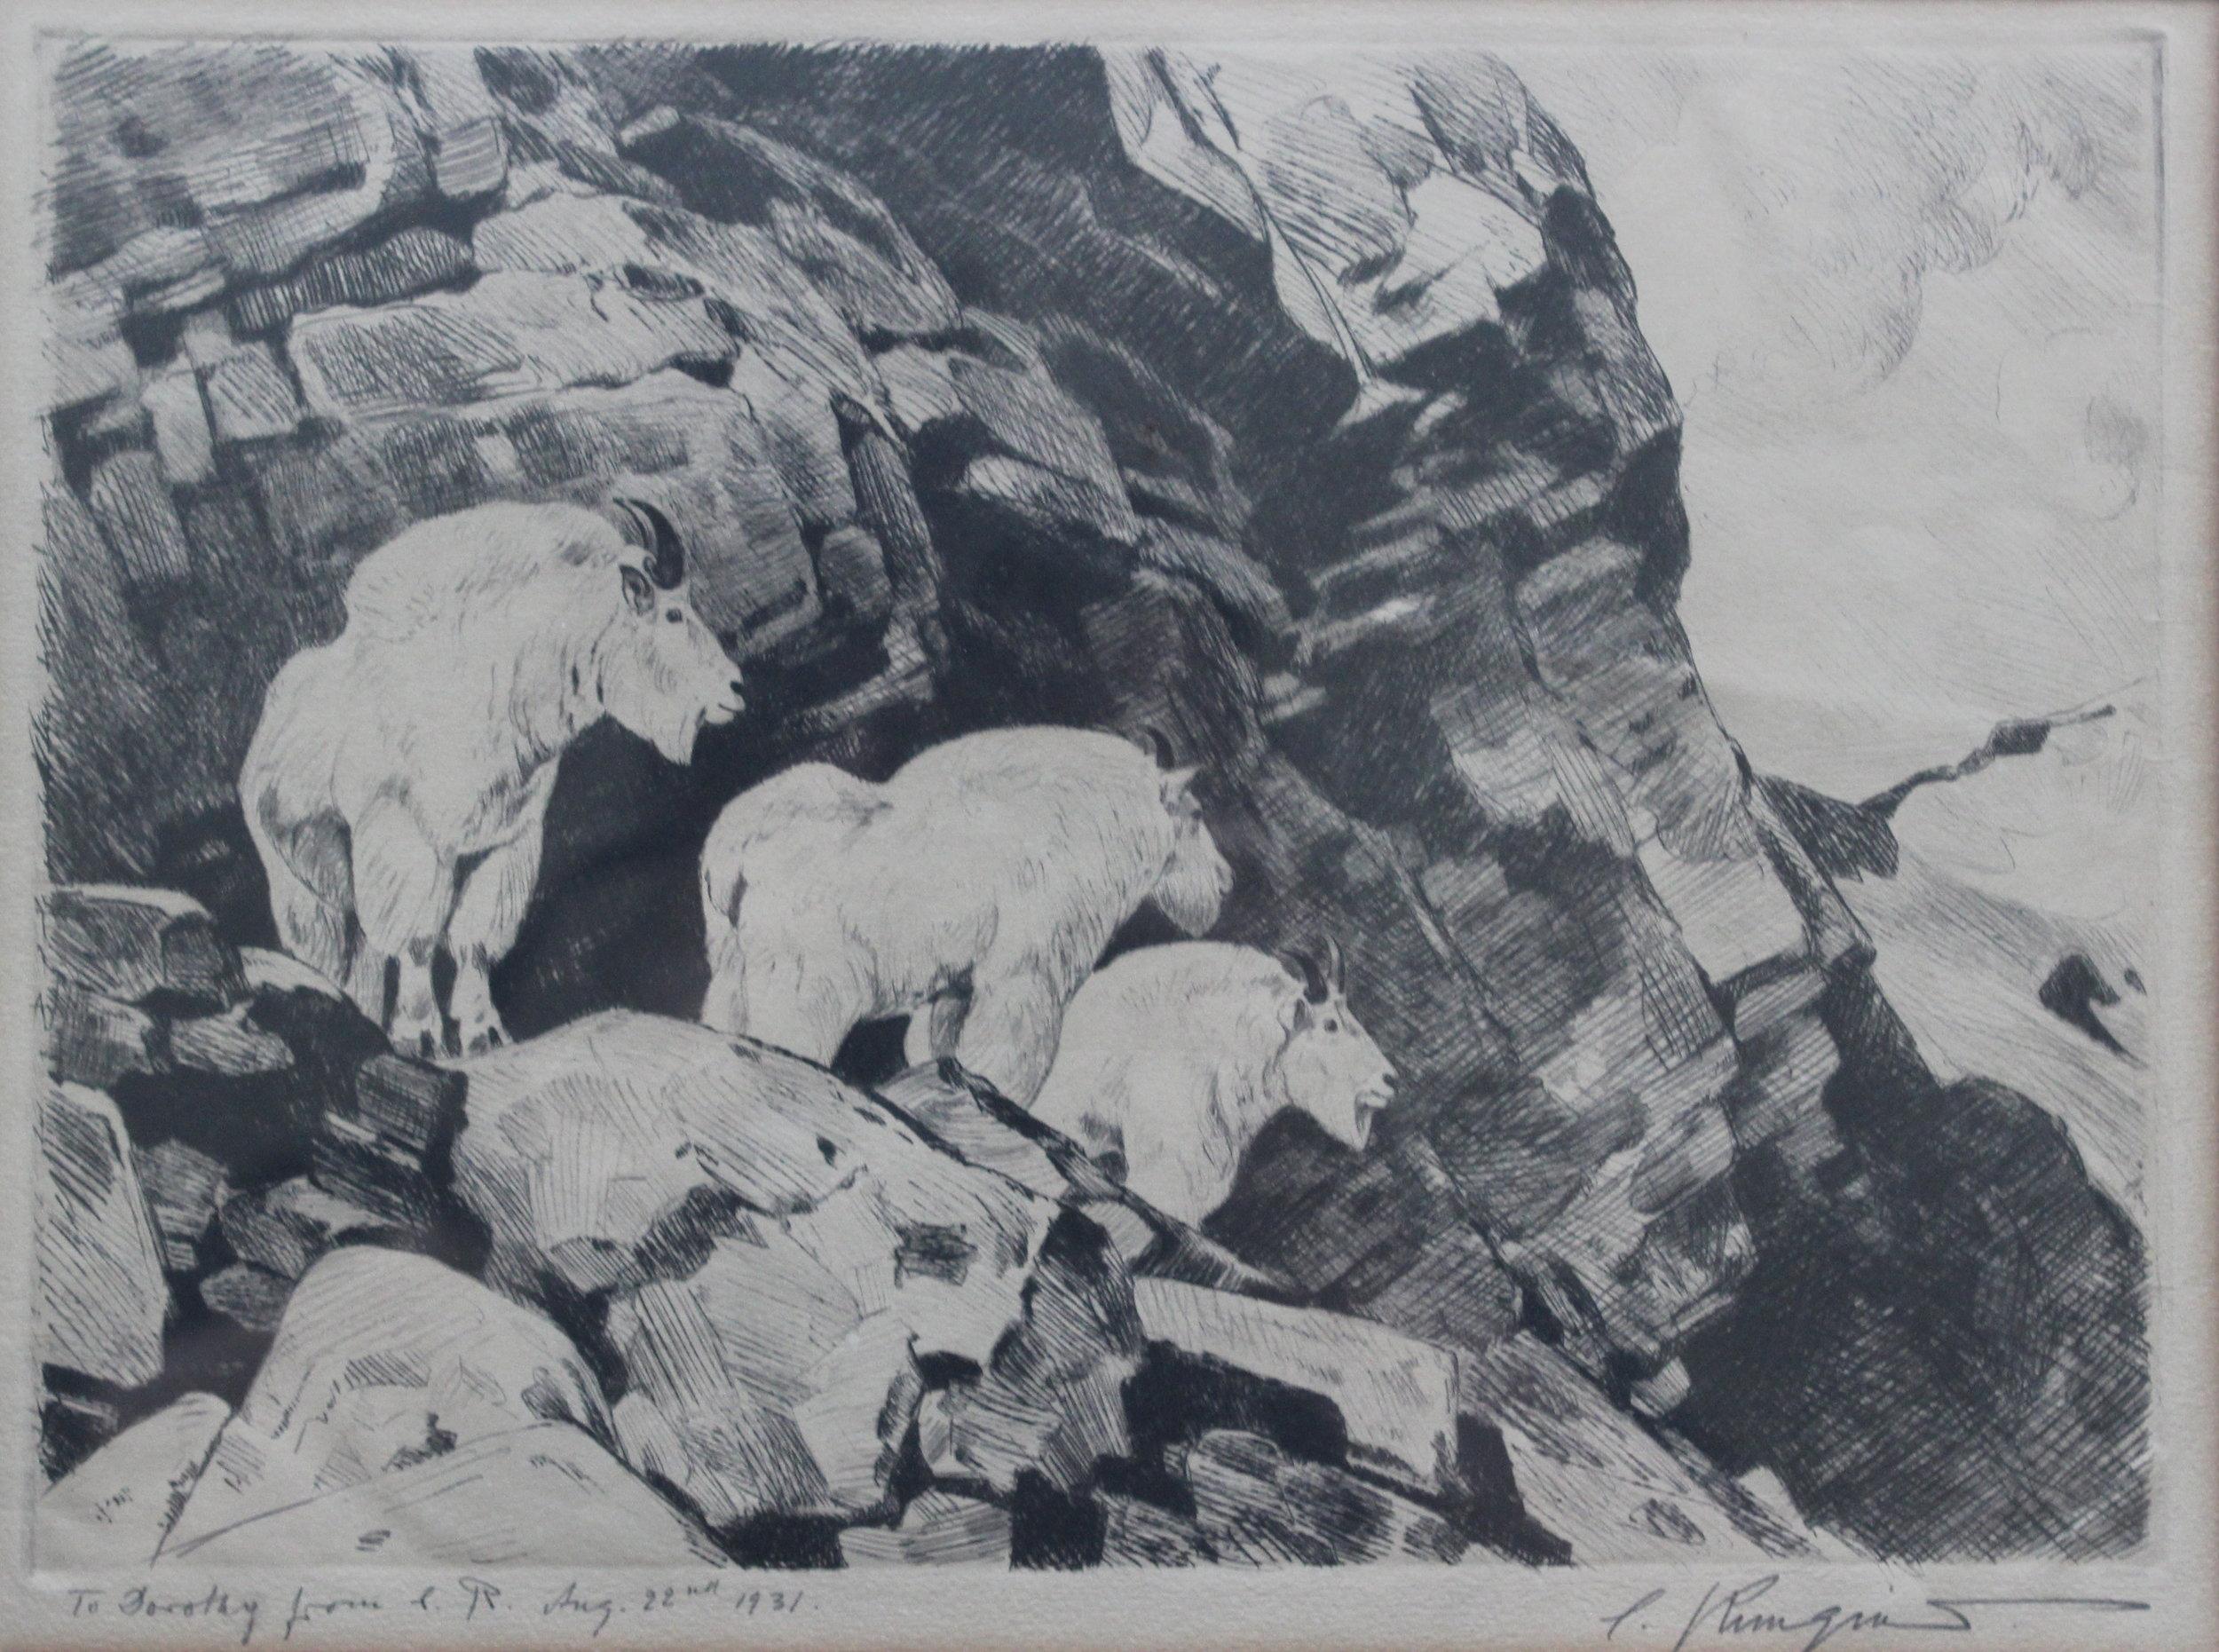 Carl Rungius, Mountain Goats, 1931